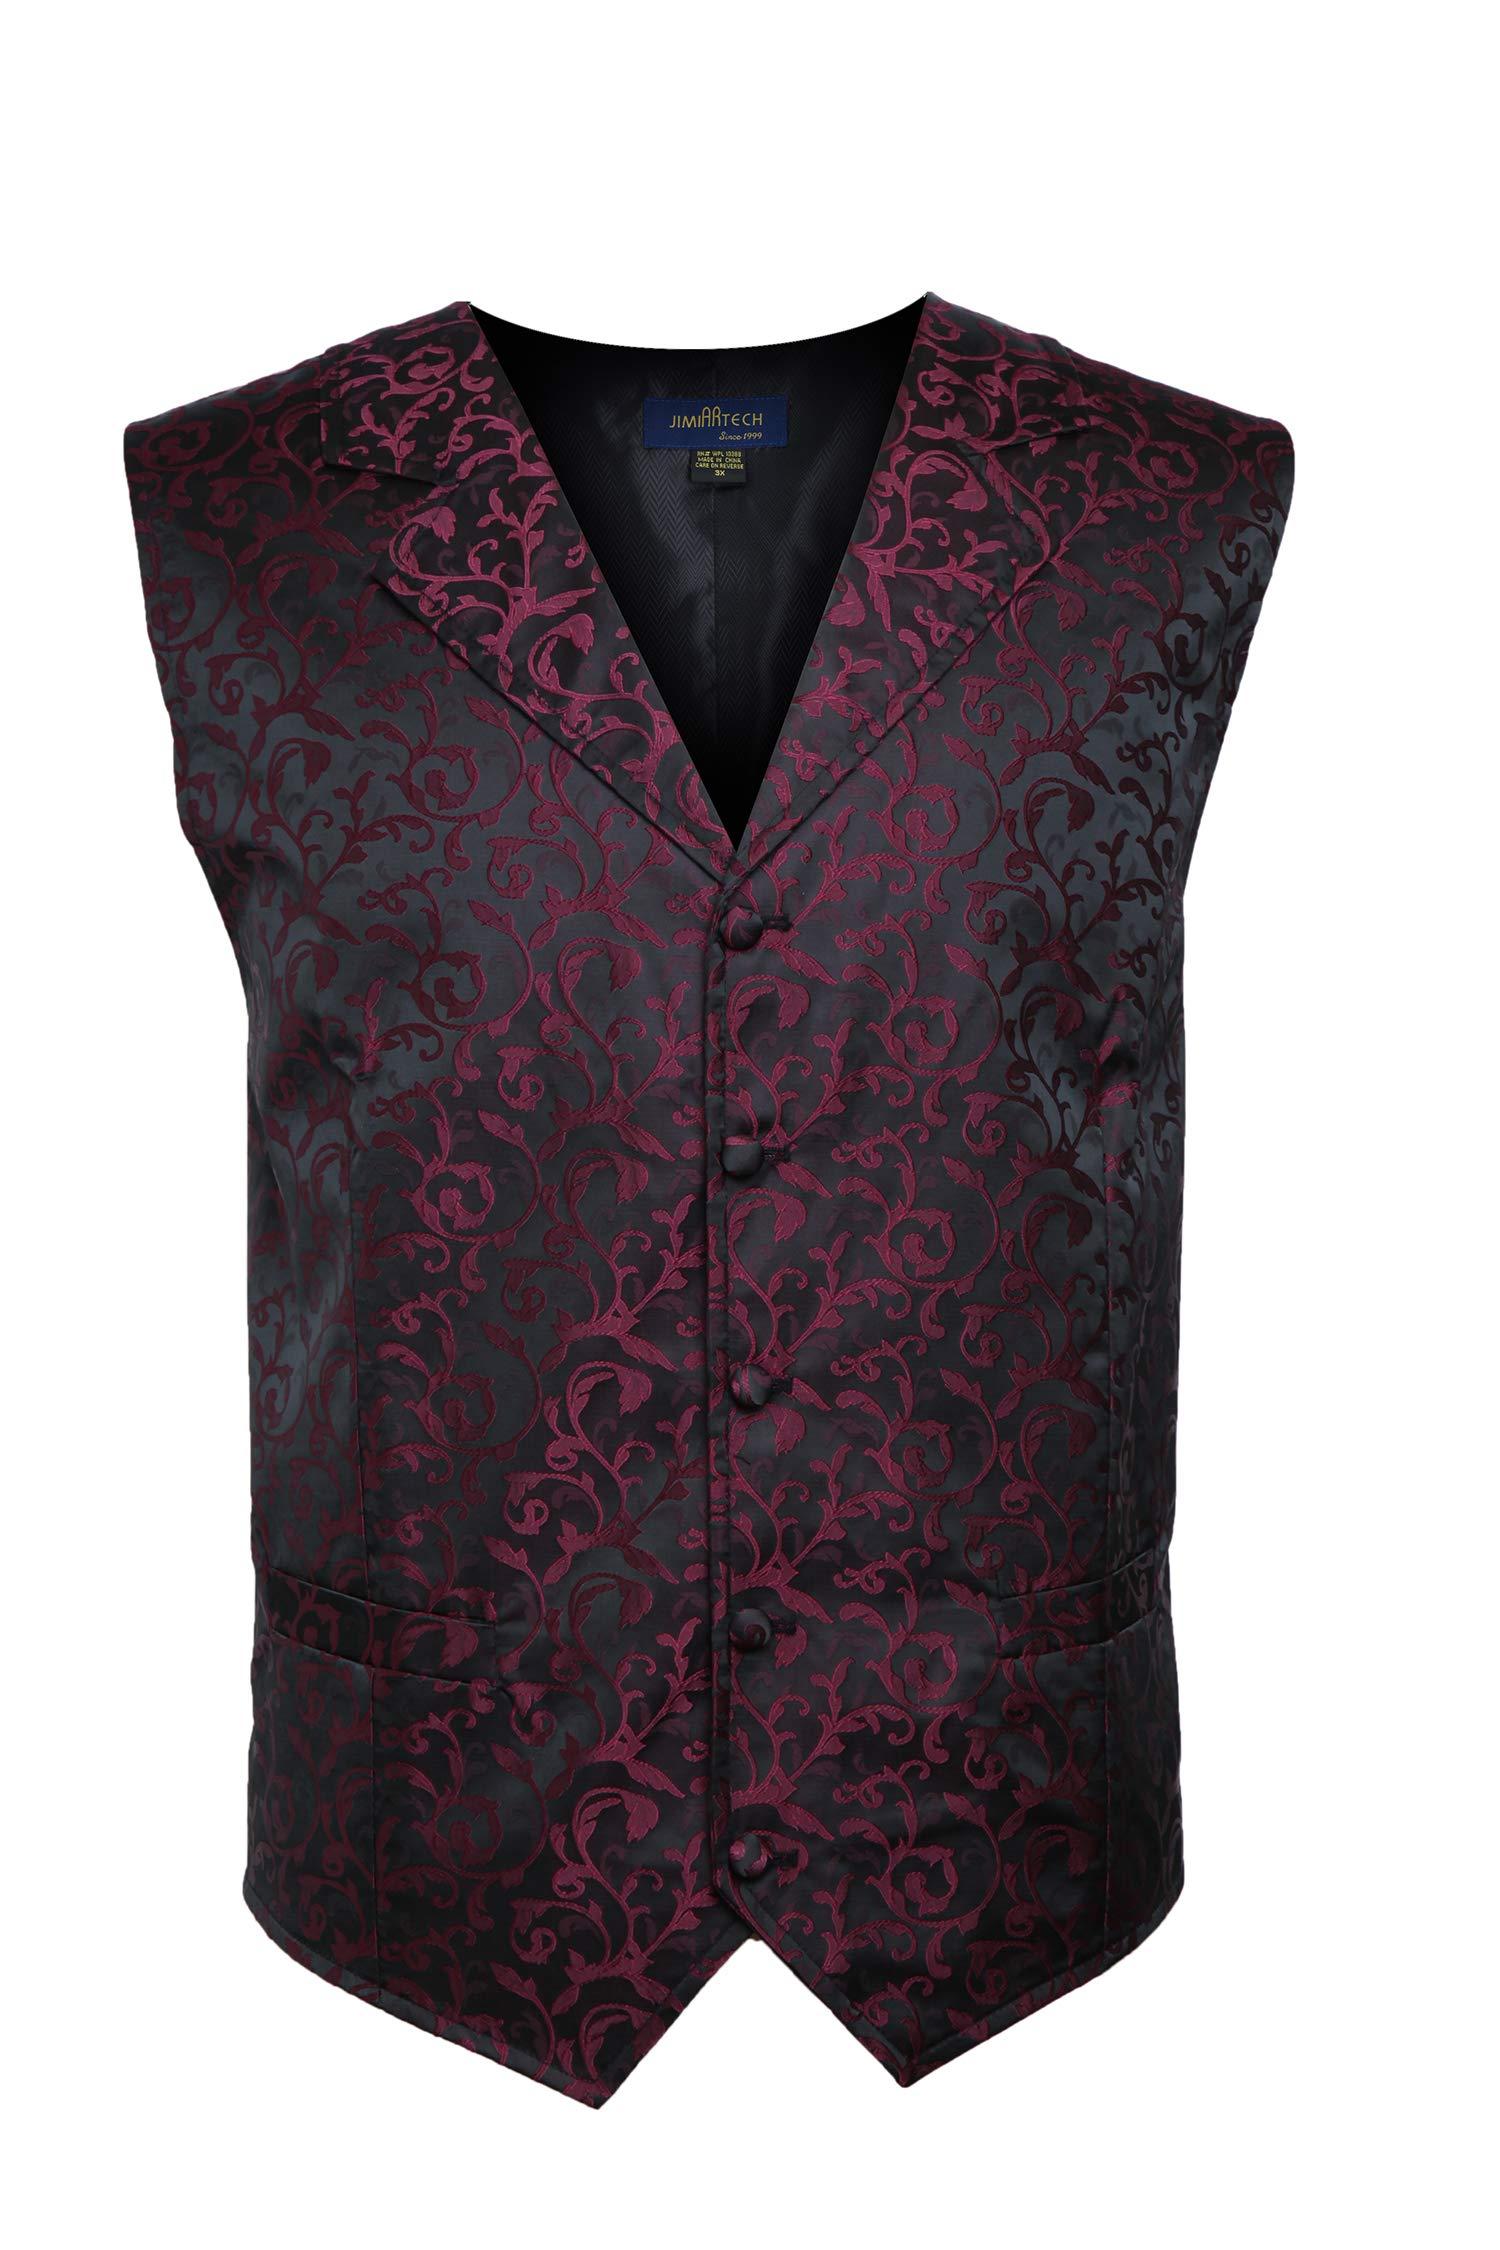 JIMIARTECH Men's Suit Vest Jacquard Fabric Vest for Men Business Vest Dress Vest Waistcoat 5 Button Vest(XL-Burgundy) by JIMIARTECH